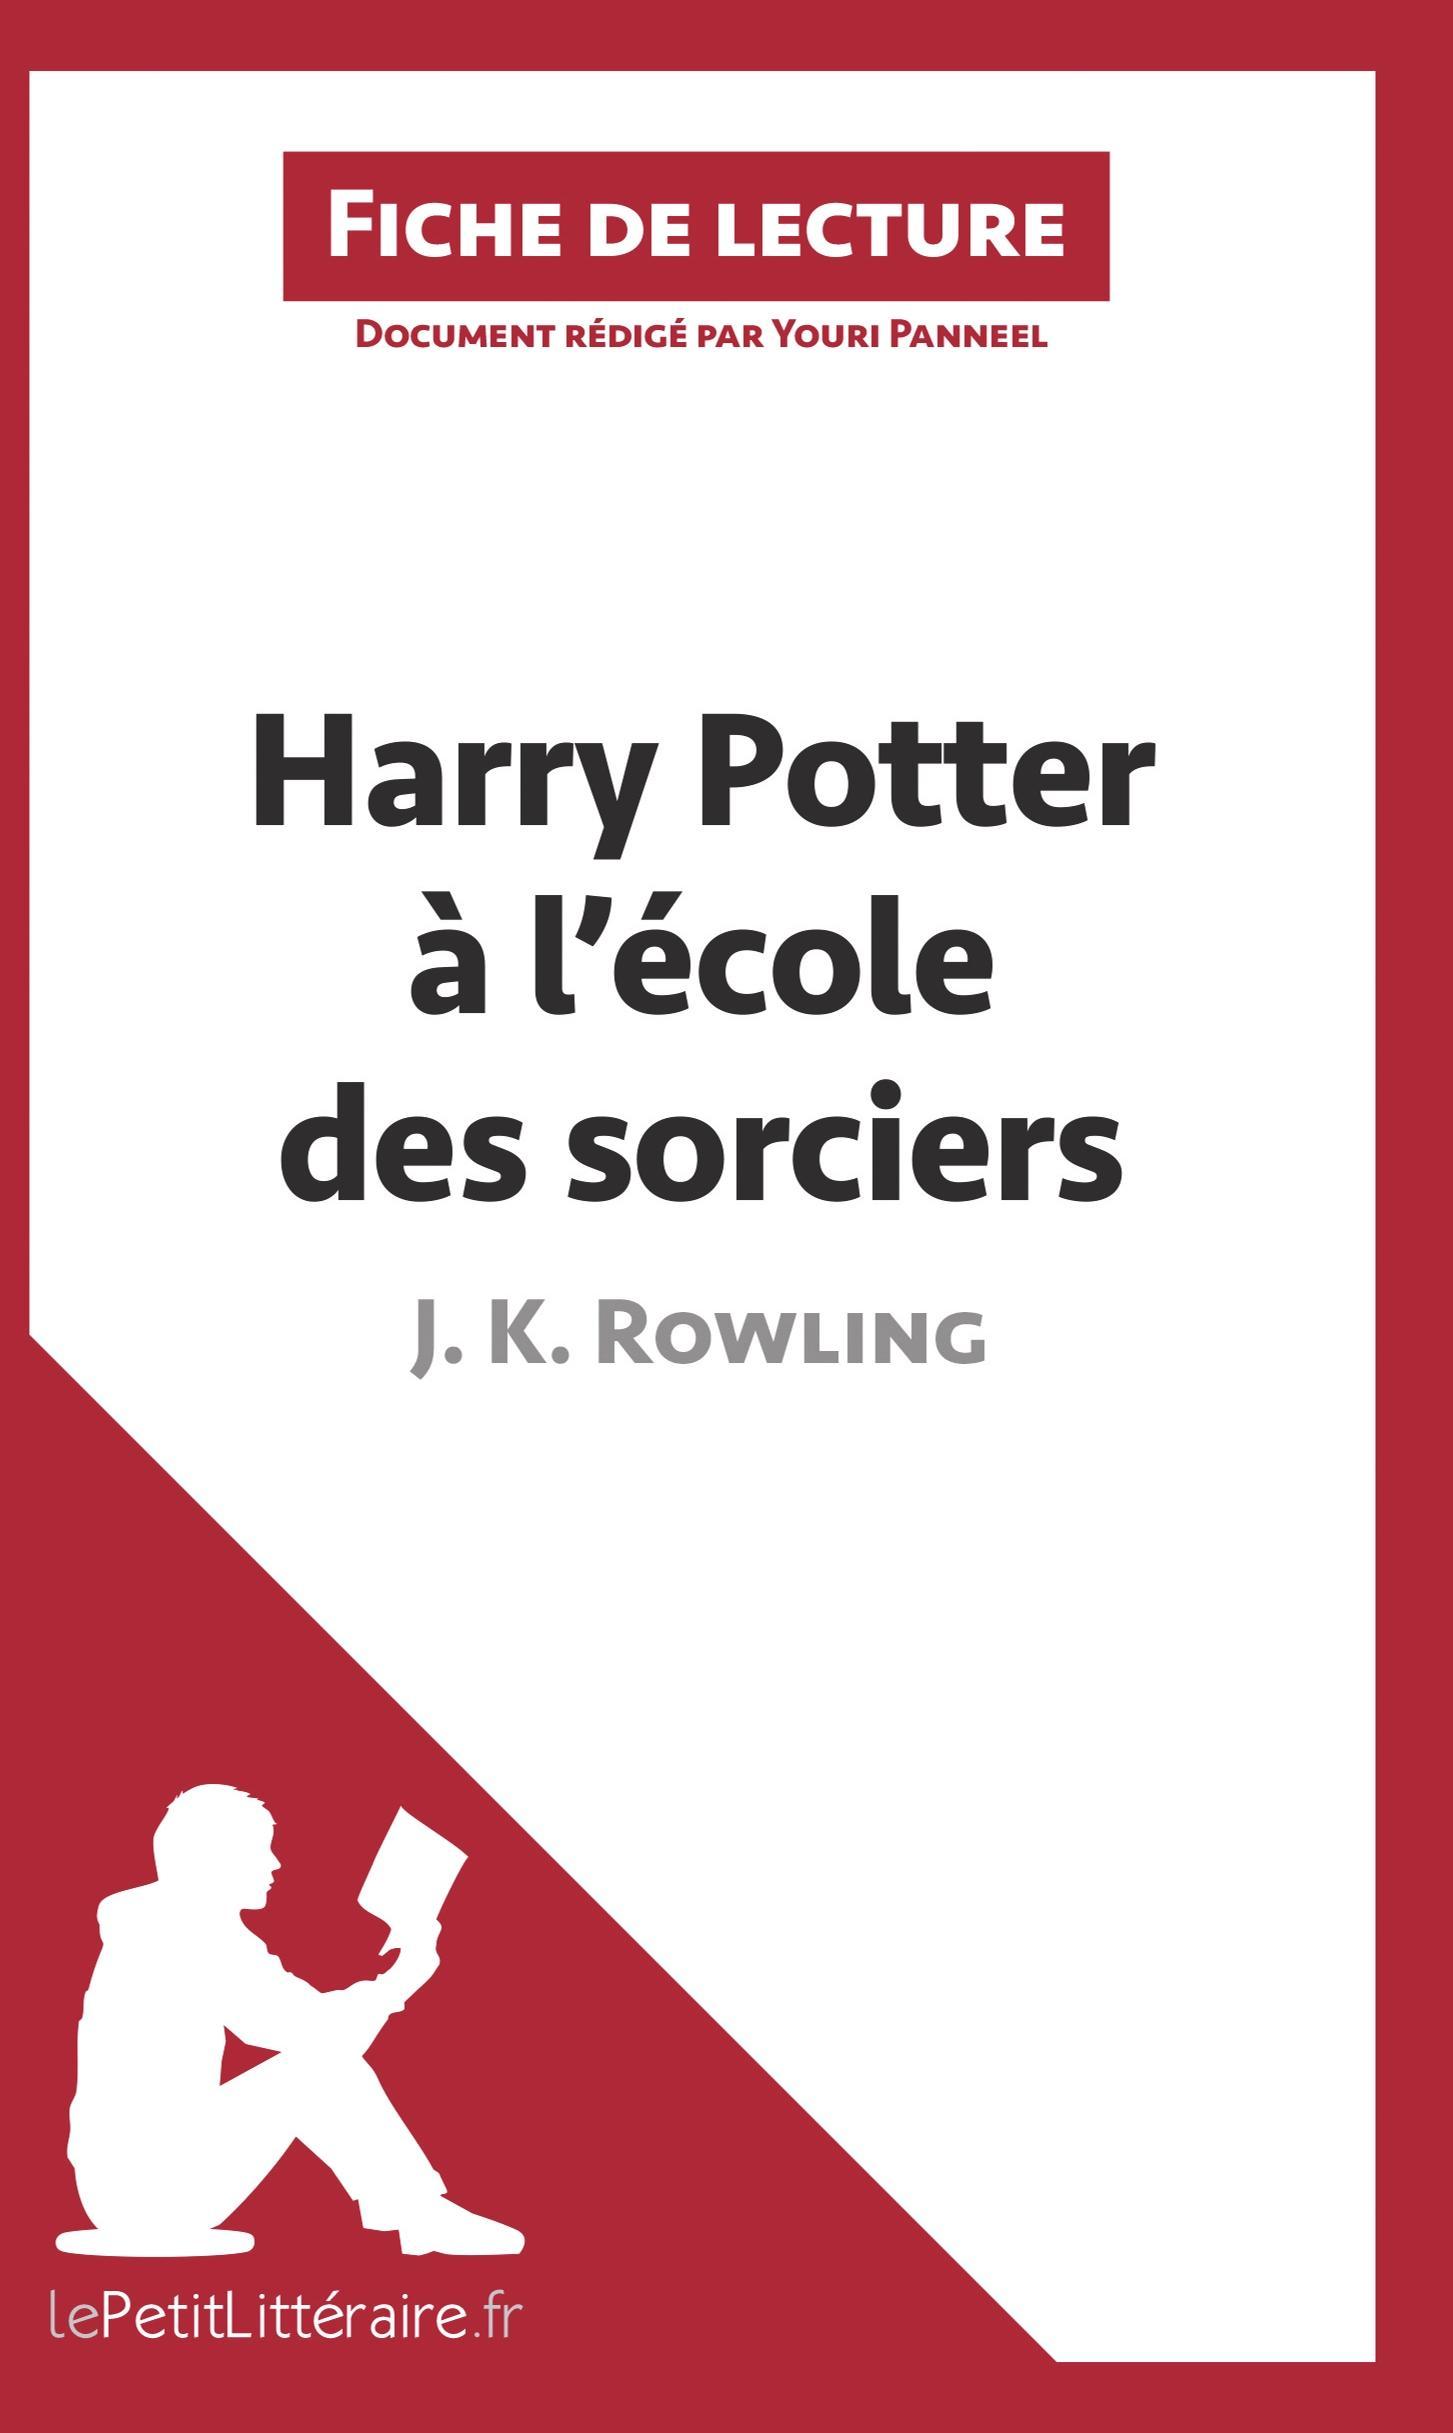 Harry Potter à l école des sorciers de J. K. Rowling (Fiche de lecture) - Panneel, Youri Lepetitlittéraire. Fr